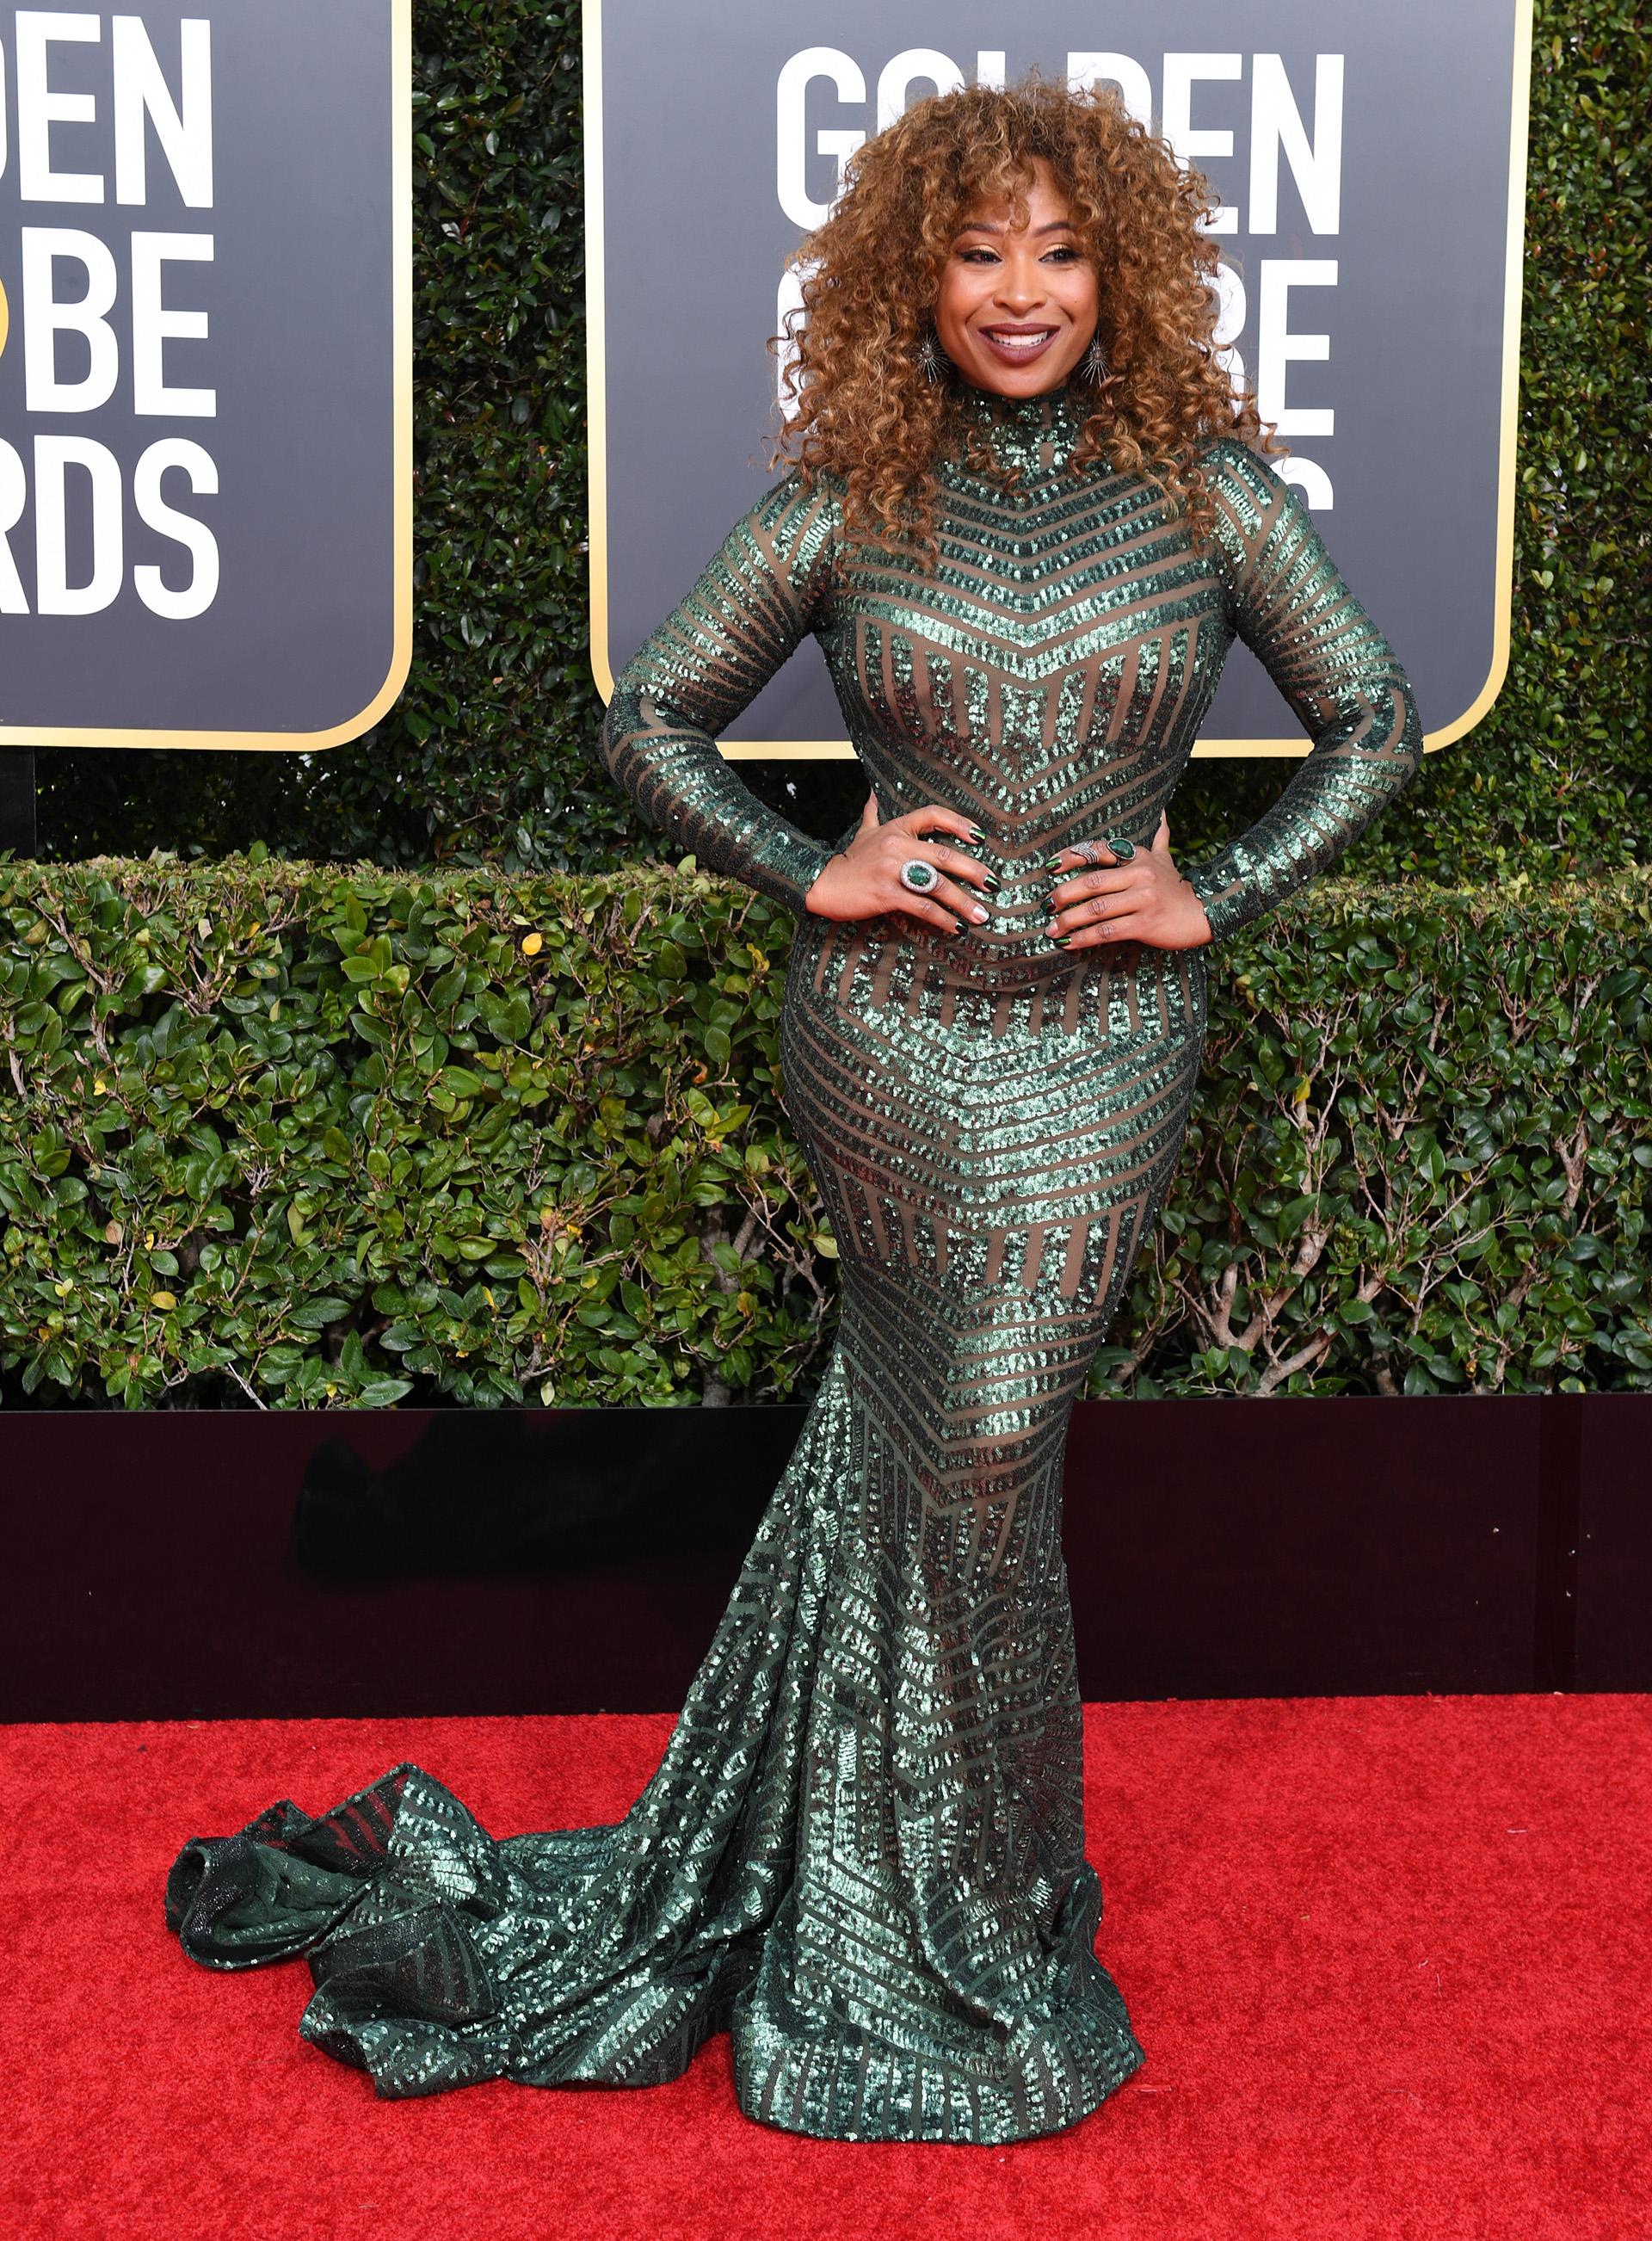 Tanika Ray, la presentadora optó por un diseño sirena de pailletes en color verde esmeralda contransparencias. Completó su look con dos anillos de piedras preciosas